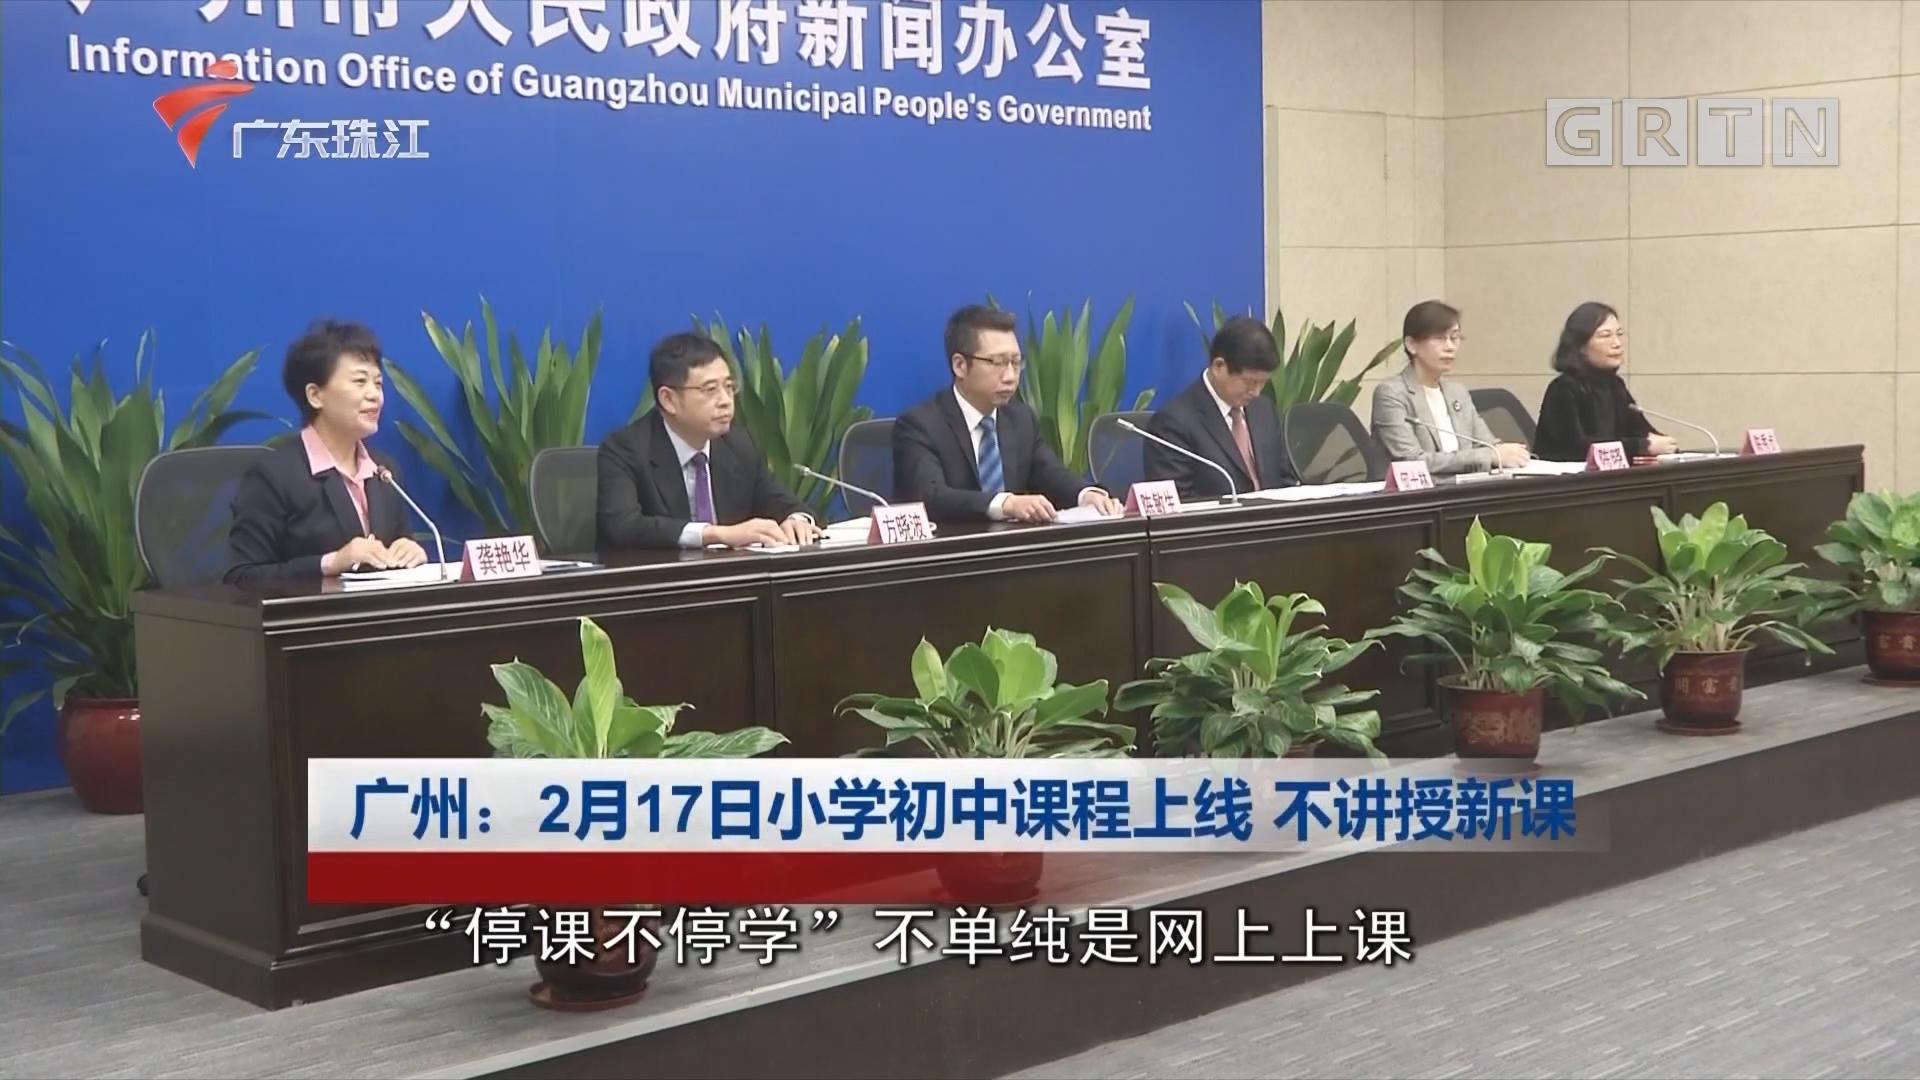 广州:2月17日小学初中课程上线 不讲授新课